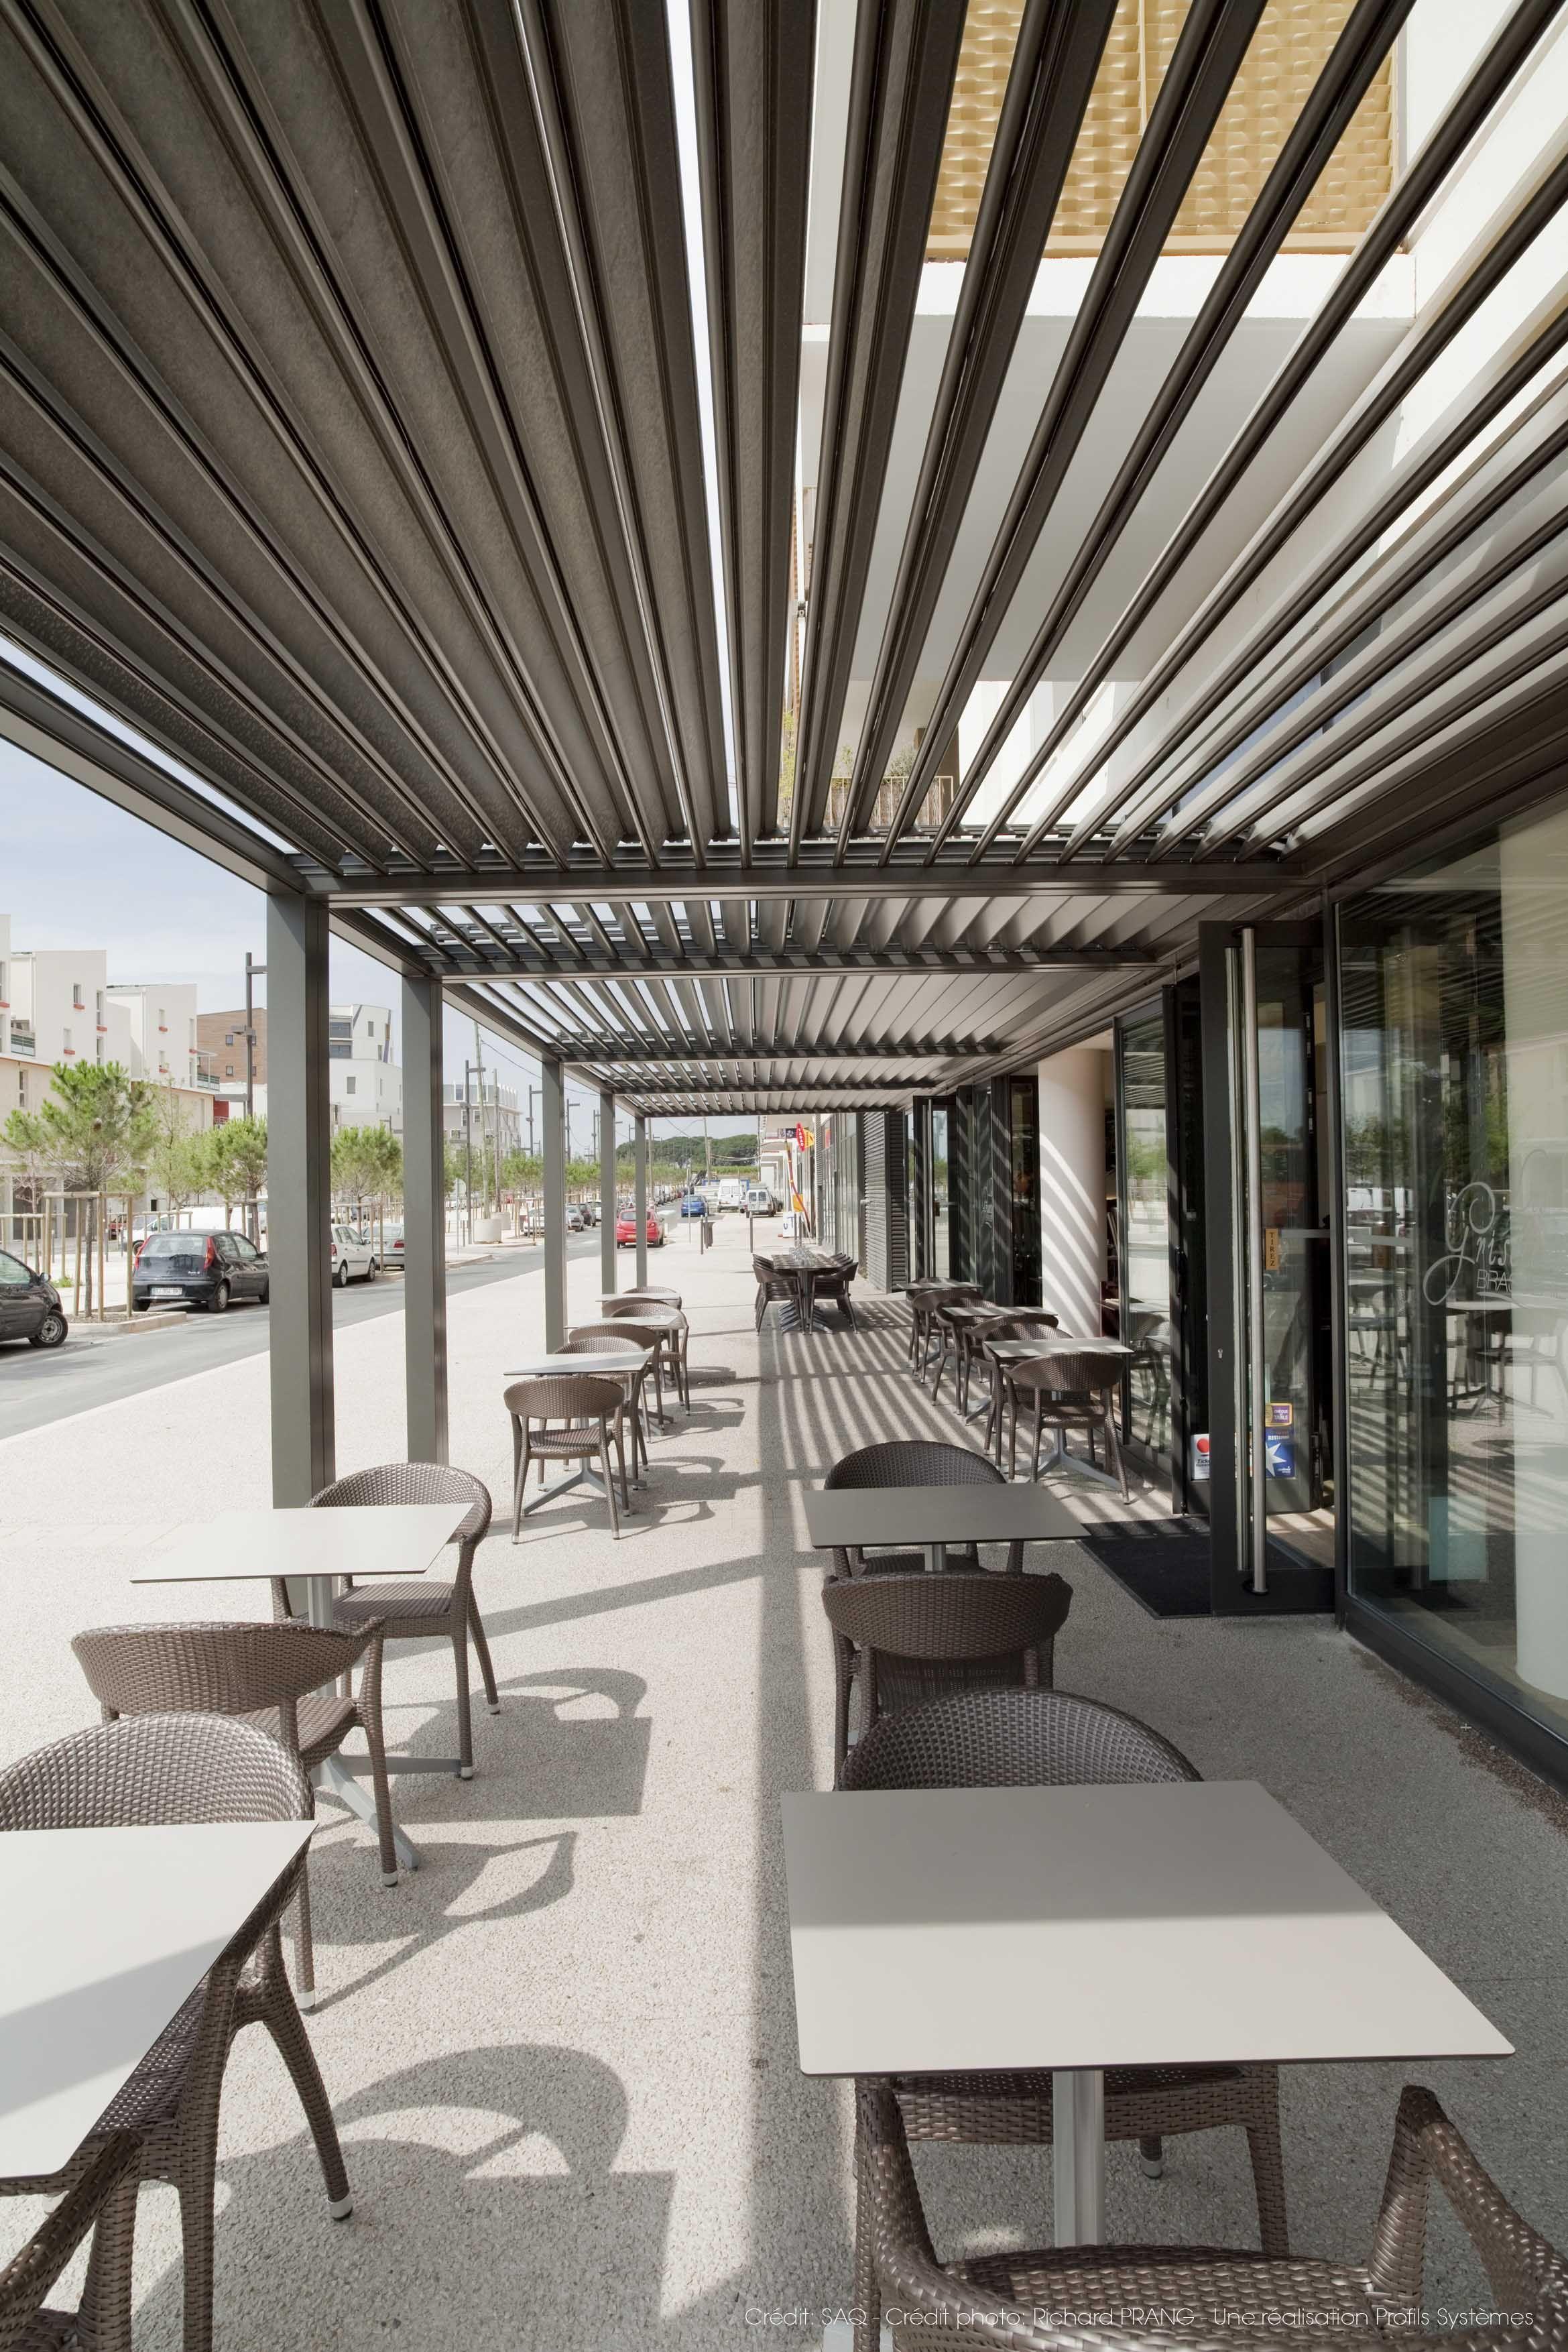 Une Terrasse, Un Café, Une Pergola Alu... Créateur Du0027espaces Extérieurs  Design, à Vivre, La Toiture BSO U0026 Pergola De Profils Systèmes Vous Protège  Du Soleil ...